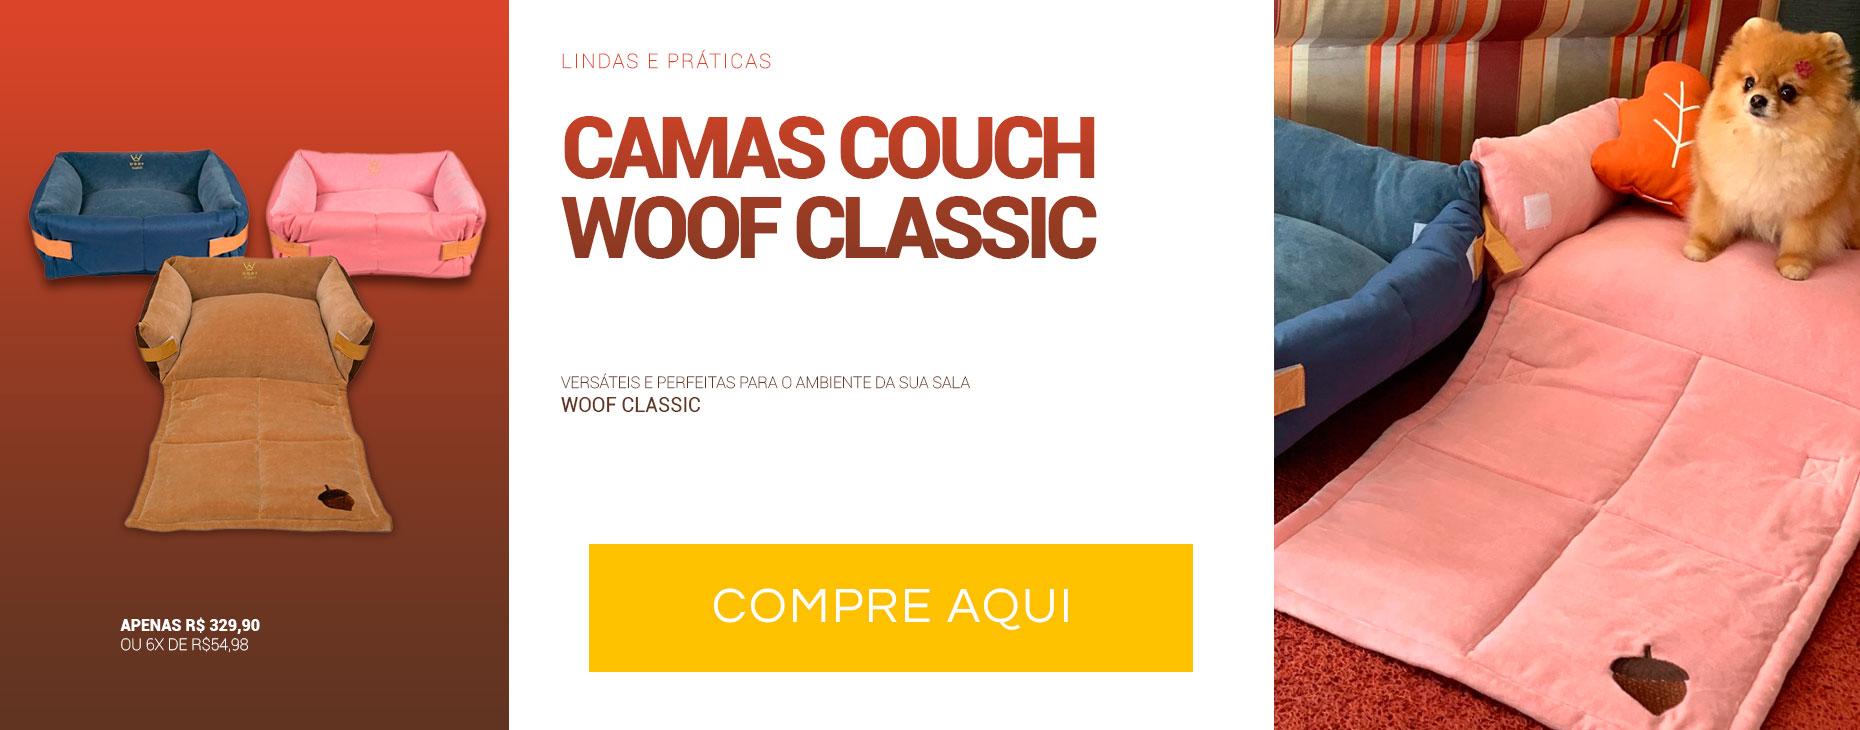 Caminhas Especiais Couch Woof Classic. Versátil e linda para sua sala!